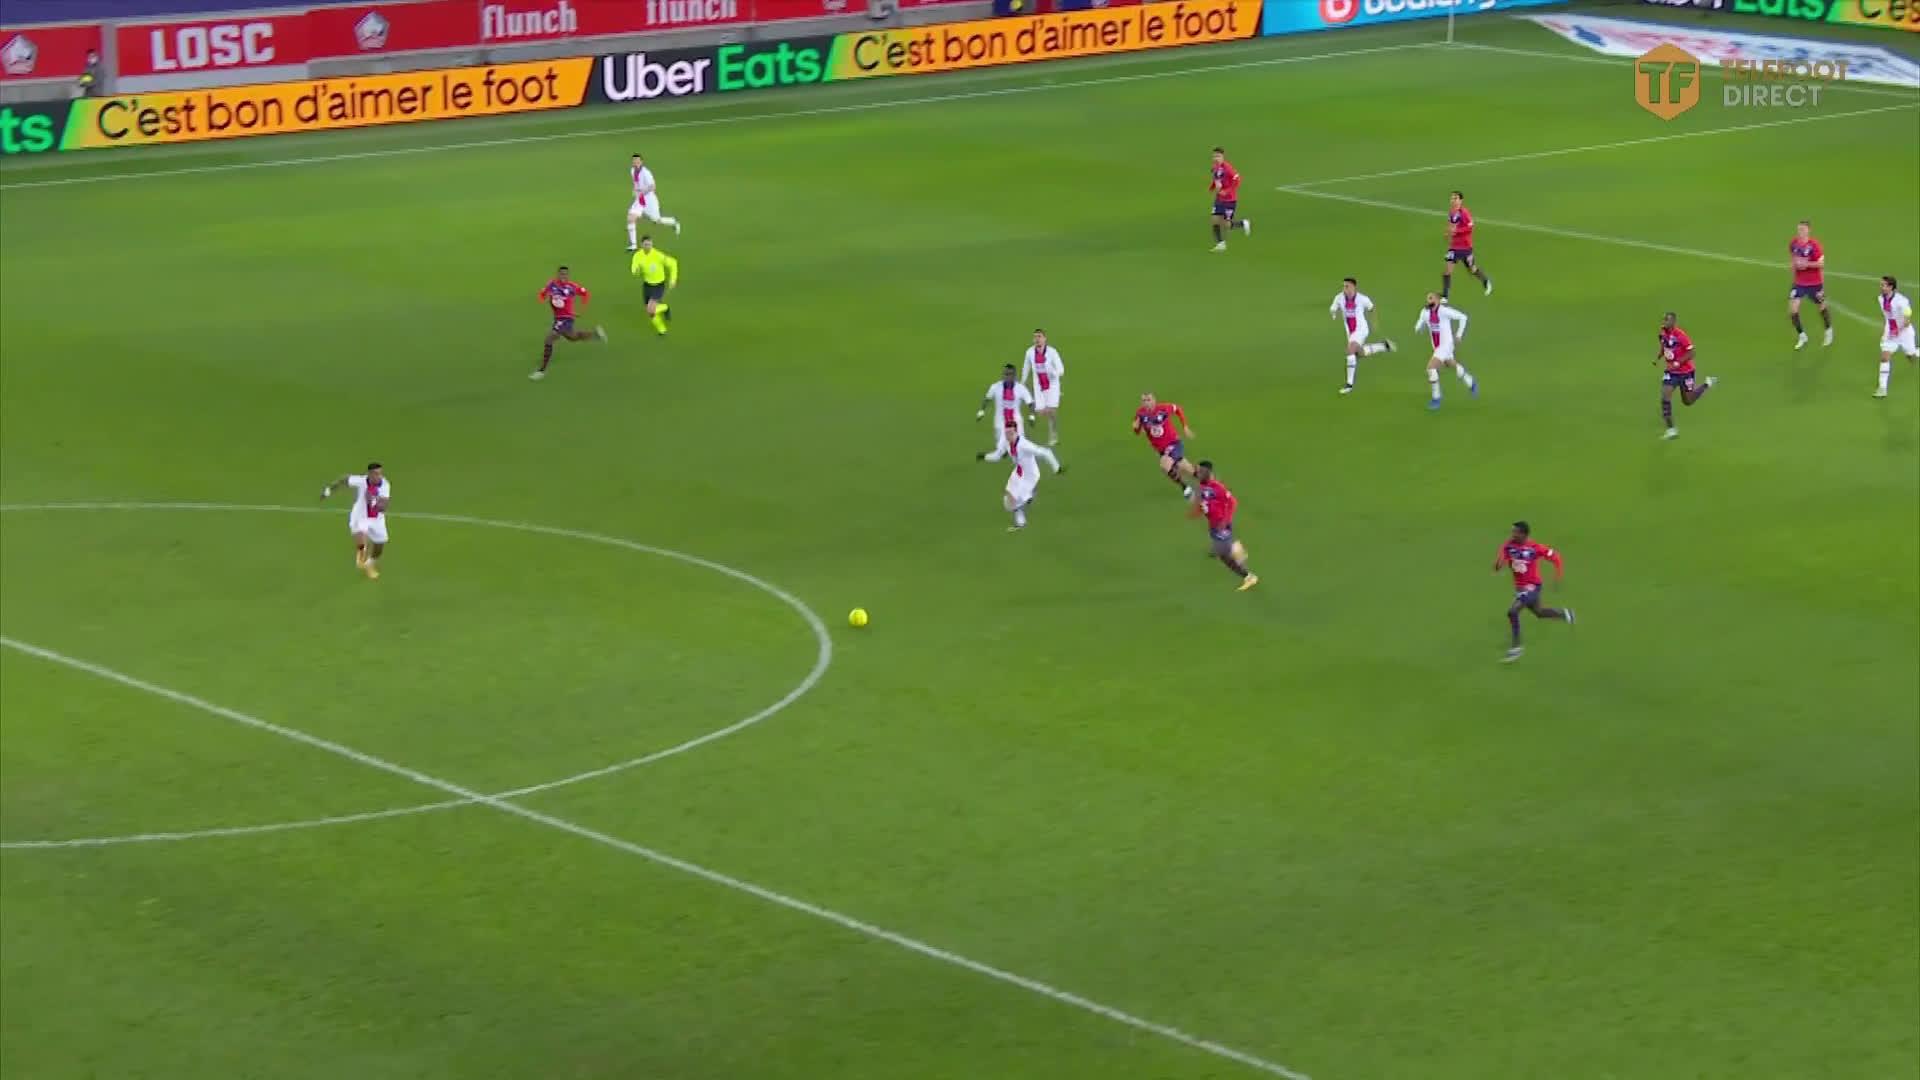 Presnel Kimpembe (PSG) great tackle on Burak Yilmaz (Lille)